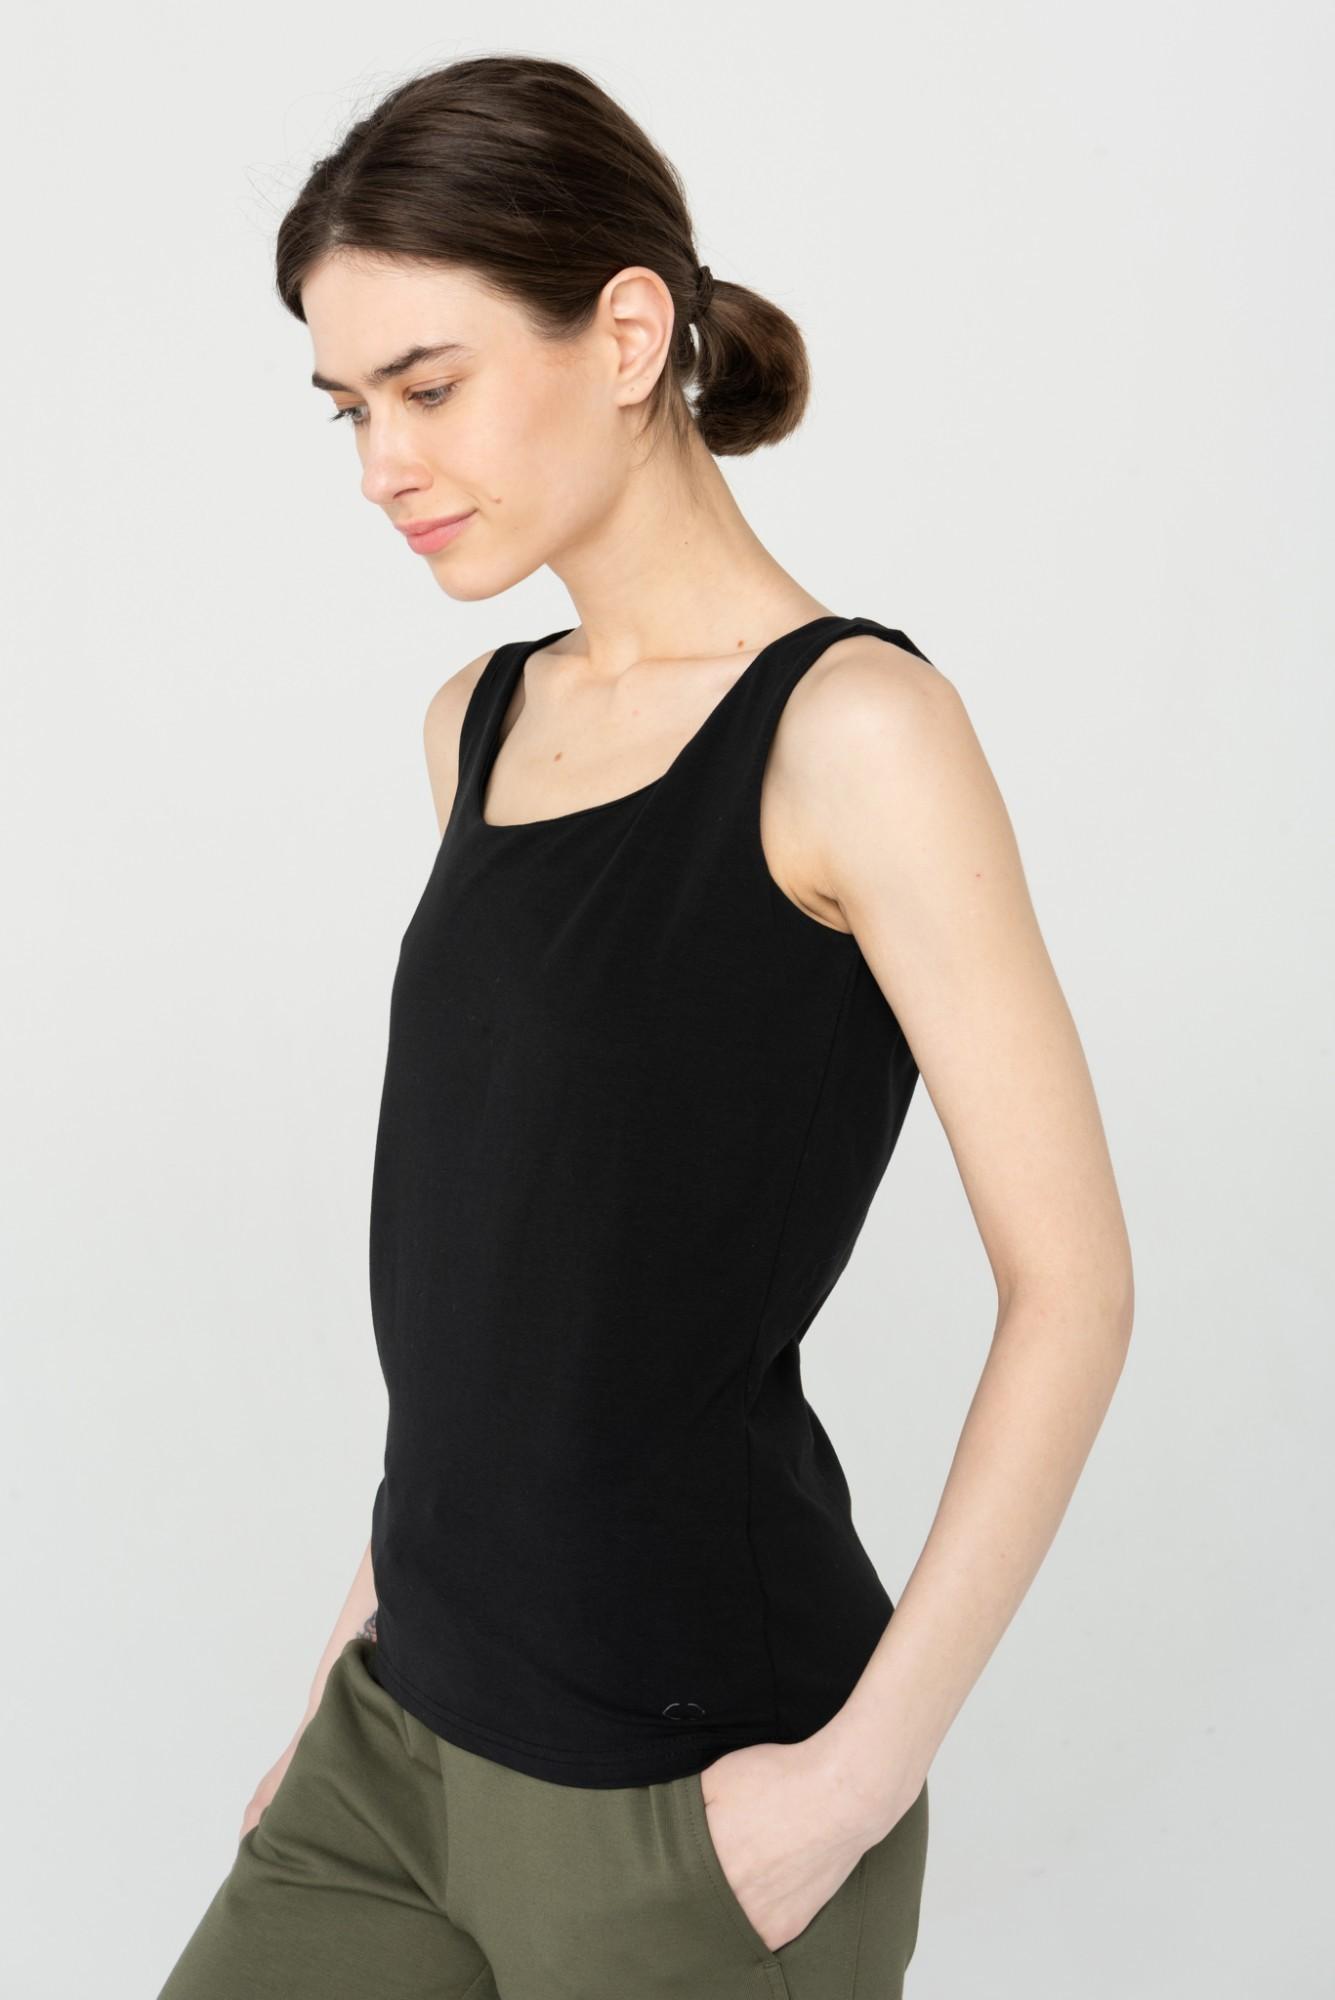 AUDIMAS Medviln. berankoviai marškinėliai 2111-079 Black XL